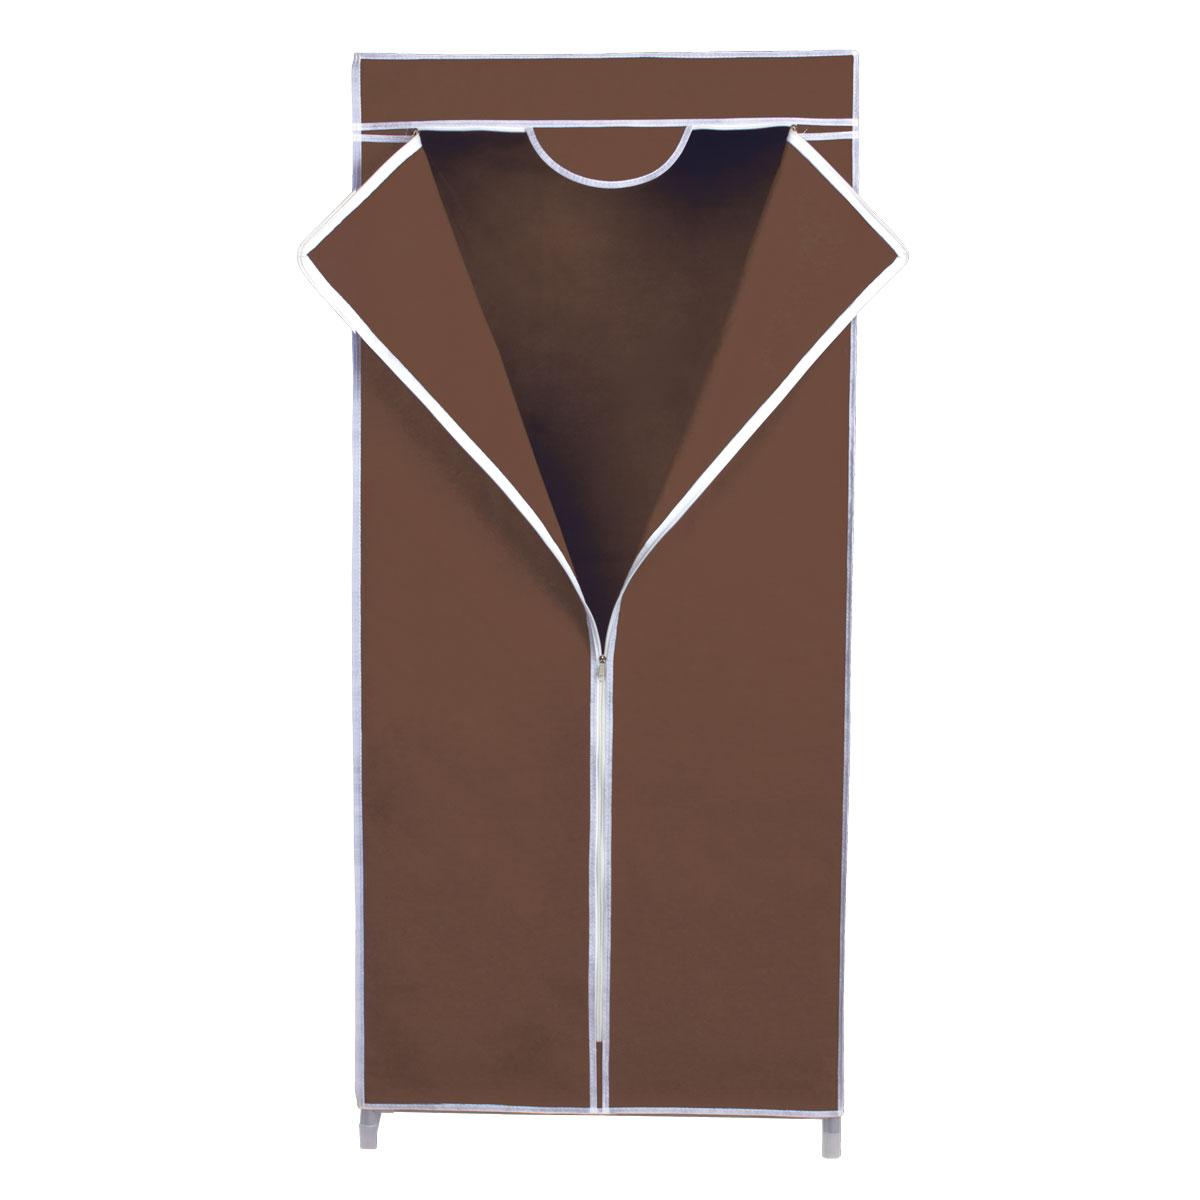 Гардероб для хранения одежды Miolla, с перекладиной, цвет: коричневый, 67 х 42 х 150 см2507048BRГардероб Miolla - это идеальное решение для хранения одежды, обуви и аксессуаров. Само изделие выполнено из нетканого материала, а каркас - из прочного металла, благодаря чему изделие не деформируется и отлично сохраняет форму. Гардероб имеет перекладину. Такой гардероб поможет с легкостью организовать пространство в шкафу или гардеробе.